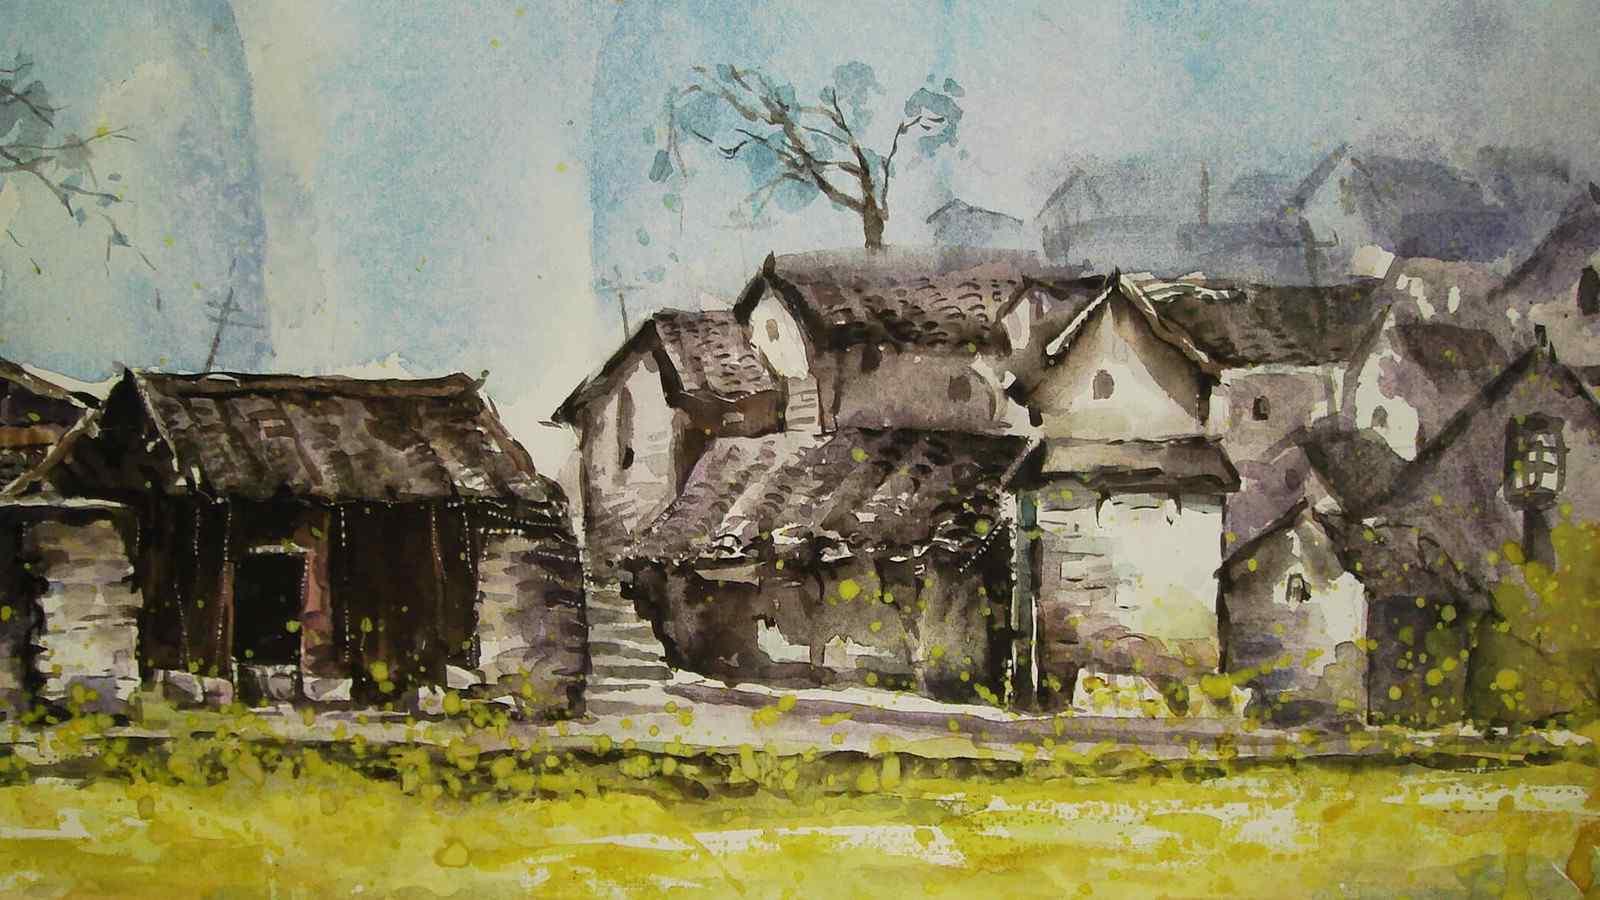 乡村山水墨画壁纸